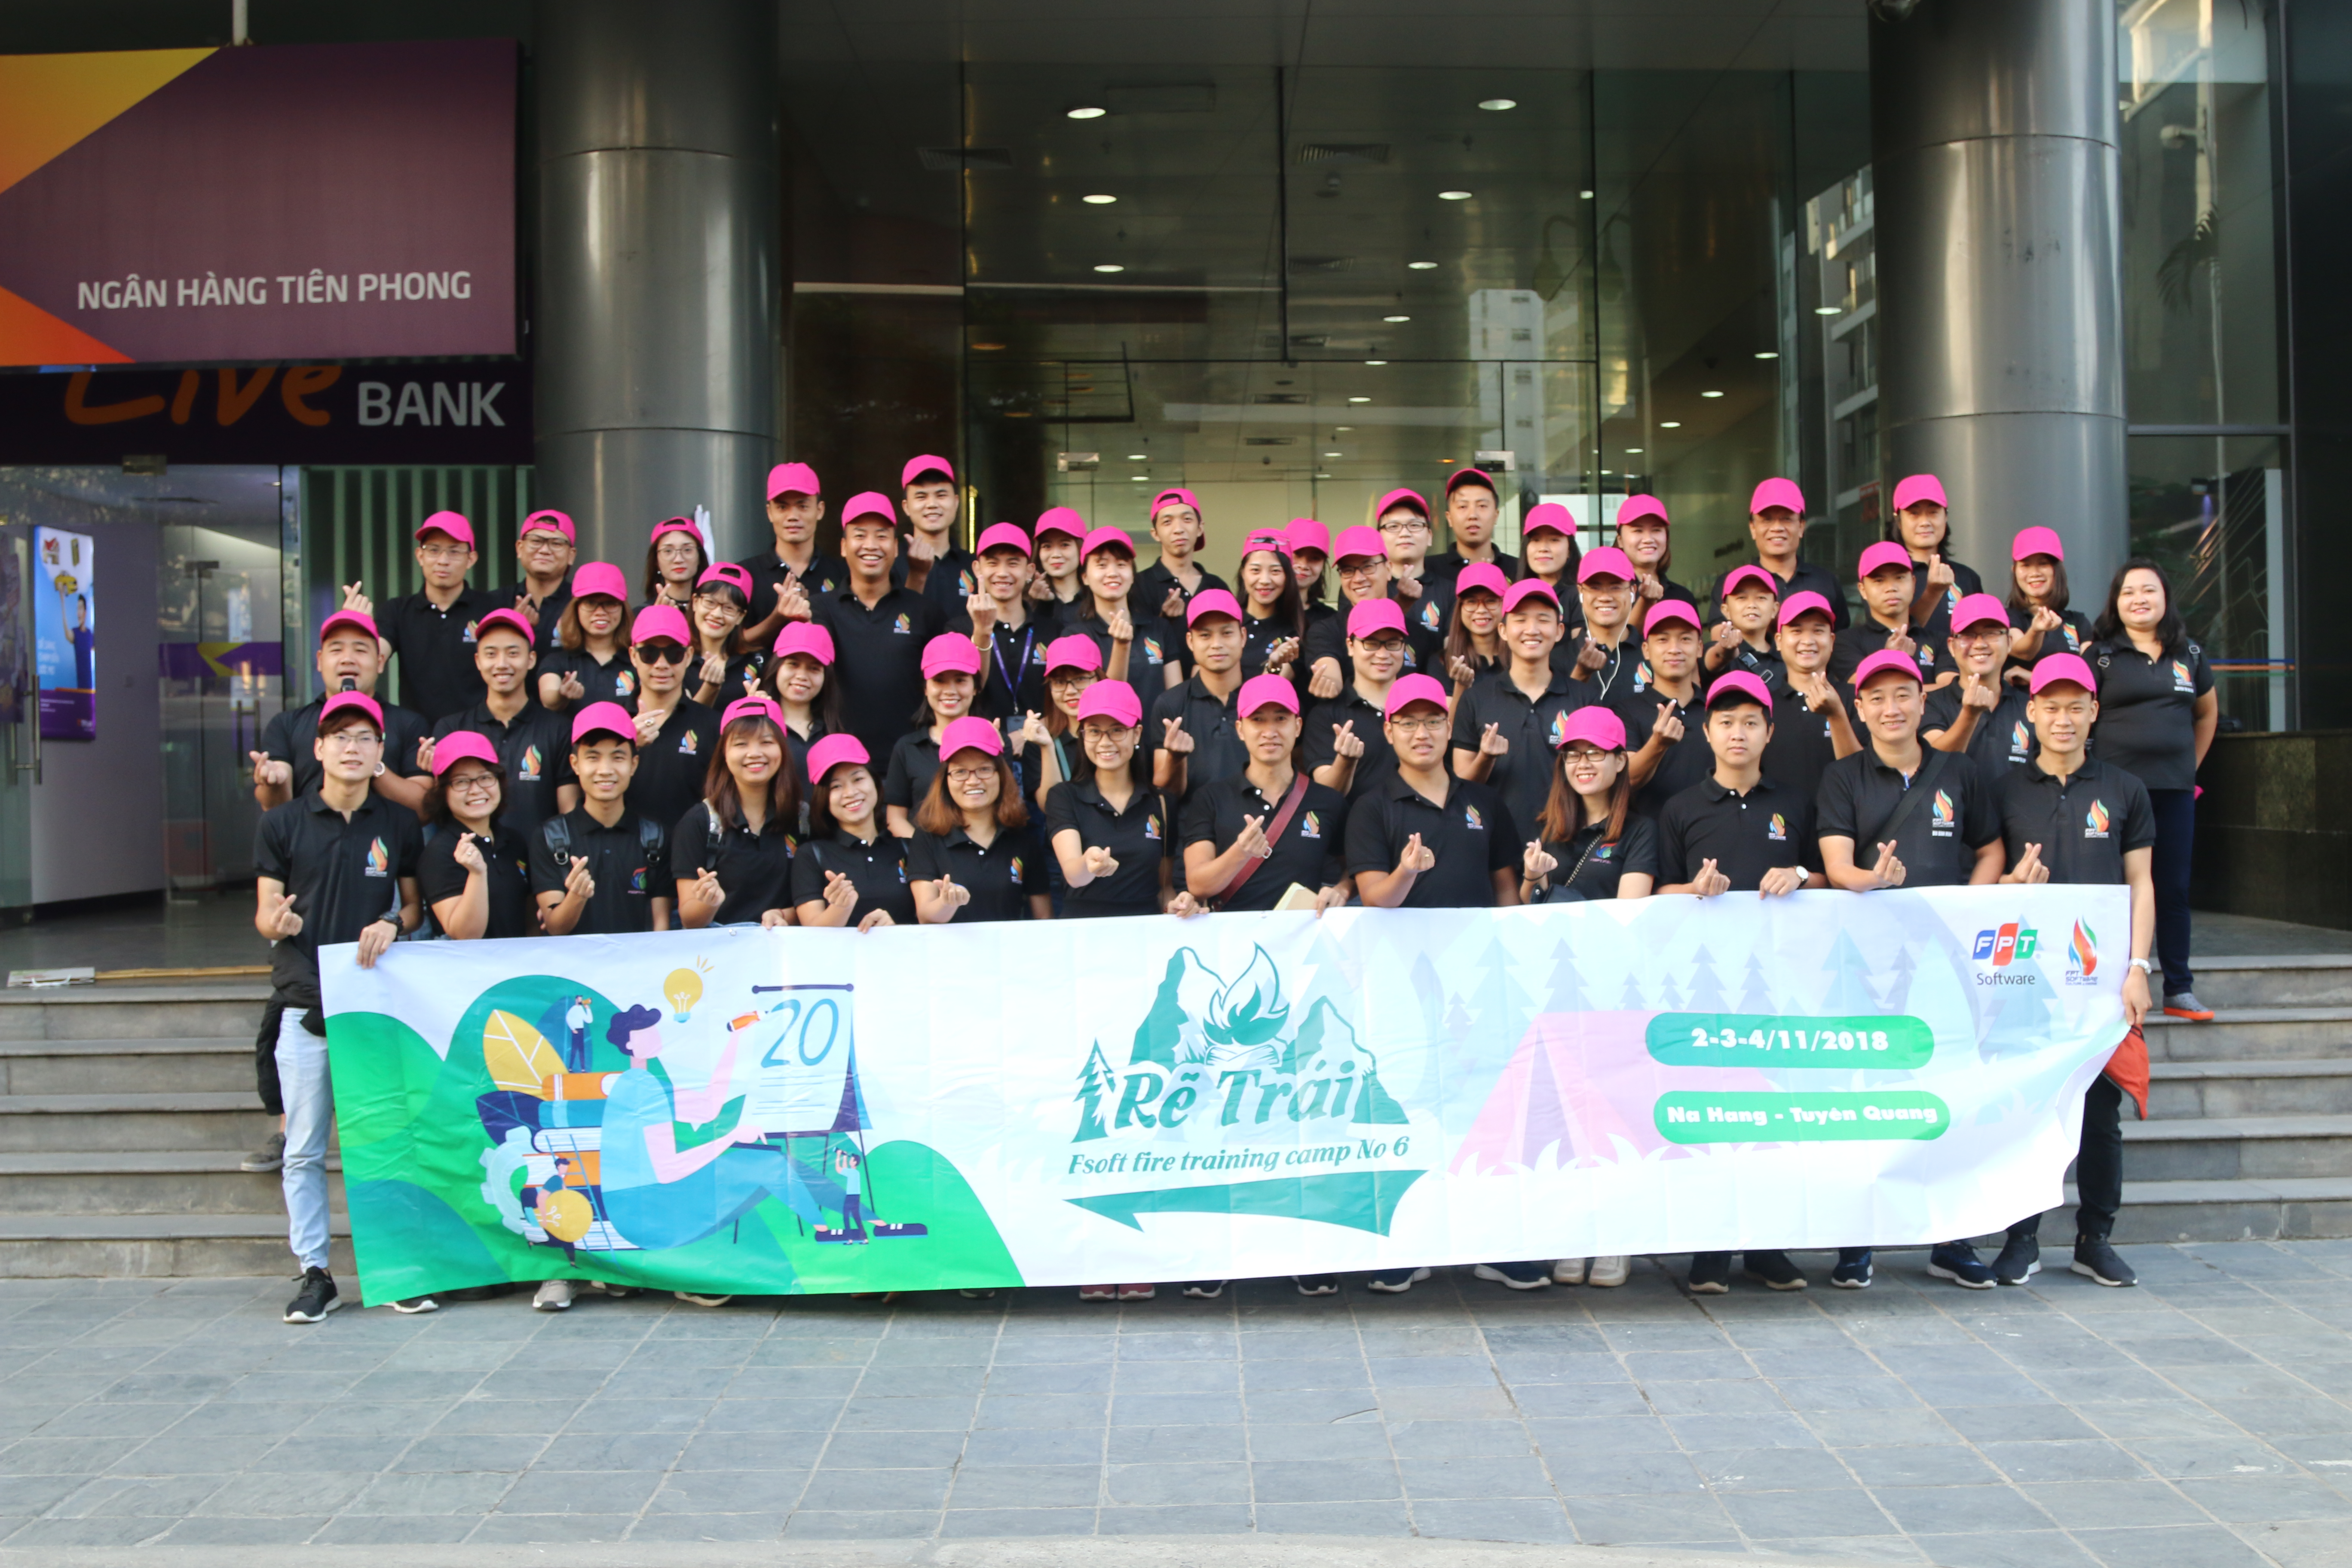 """Sáng ngày 2/11, hơn 60 cán bộ Tổng hội FPT Software tập trung tại tòa nhà FPT Cầu Giấy sẵn sàng cho chiến dịch Training camp No.6 với chủ đề """"Rẽ trái"""" diễn ra trong 3 ngày 2 đêm tại Na Hang, Tuyên Quang."""